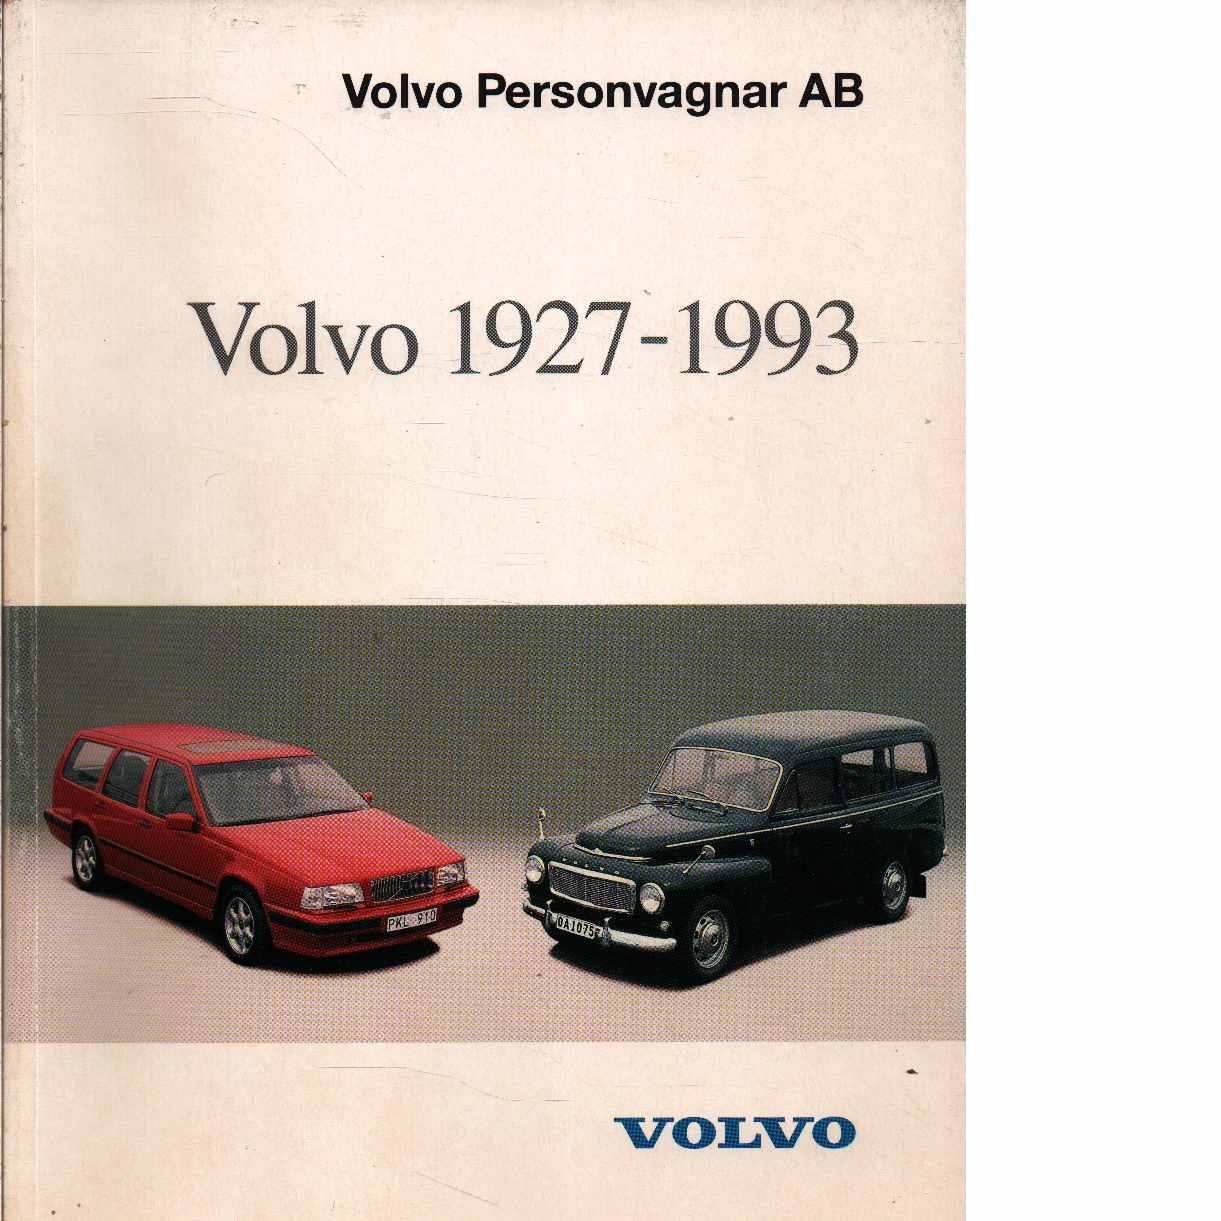 Volvo 1927-1993 - Red.